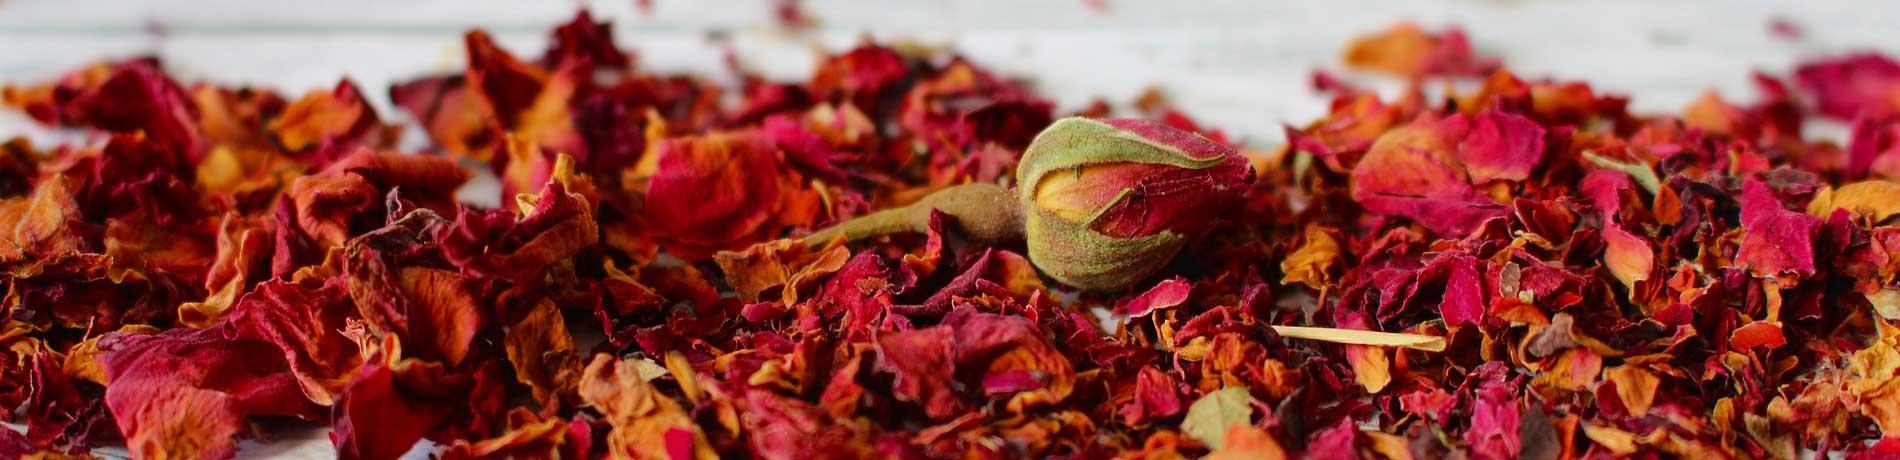 Fleurs comestibles séchées